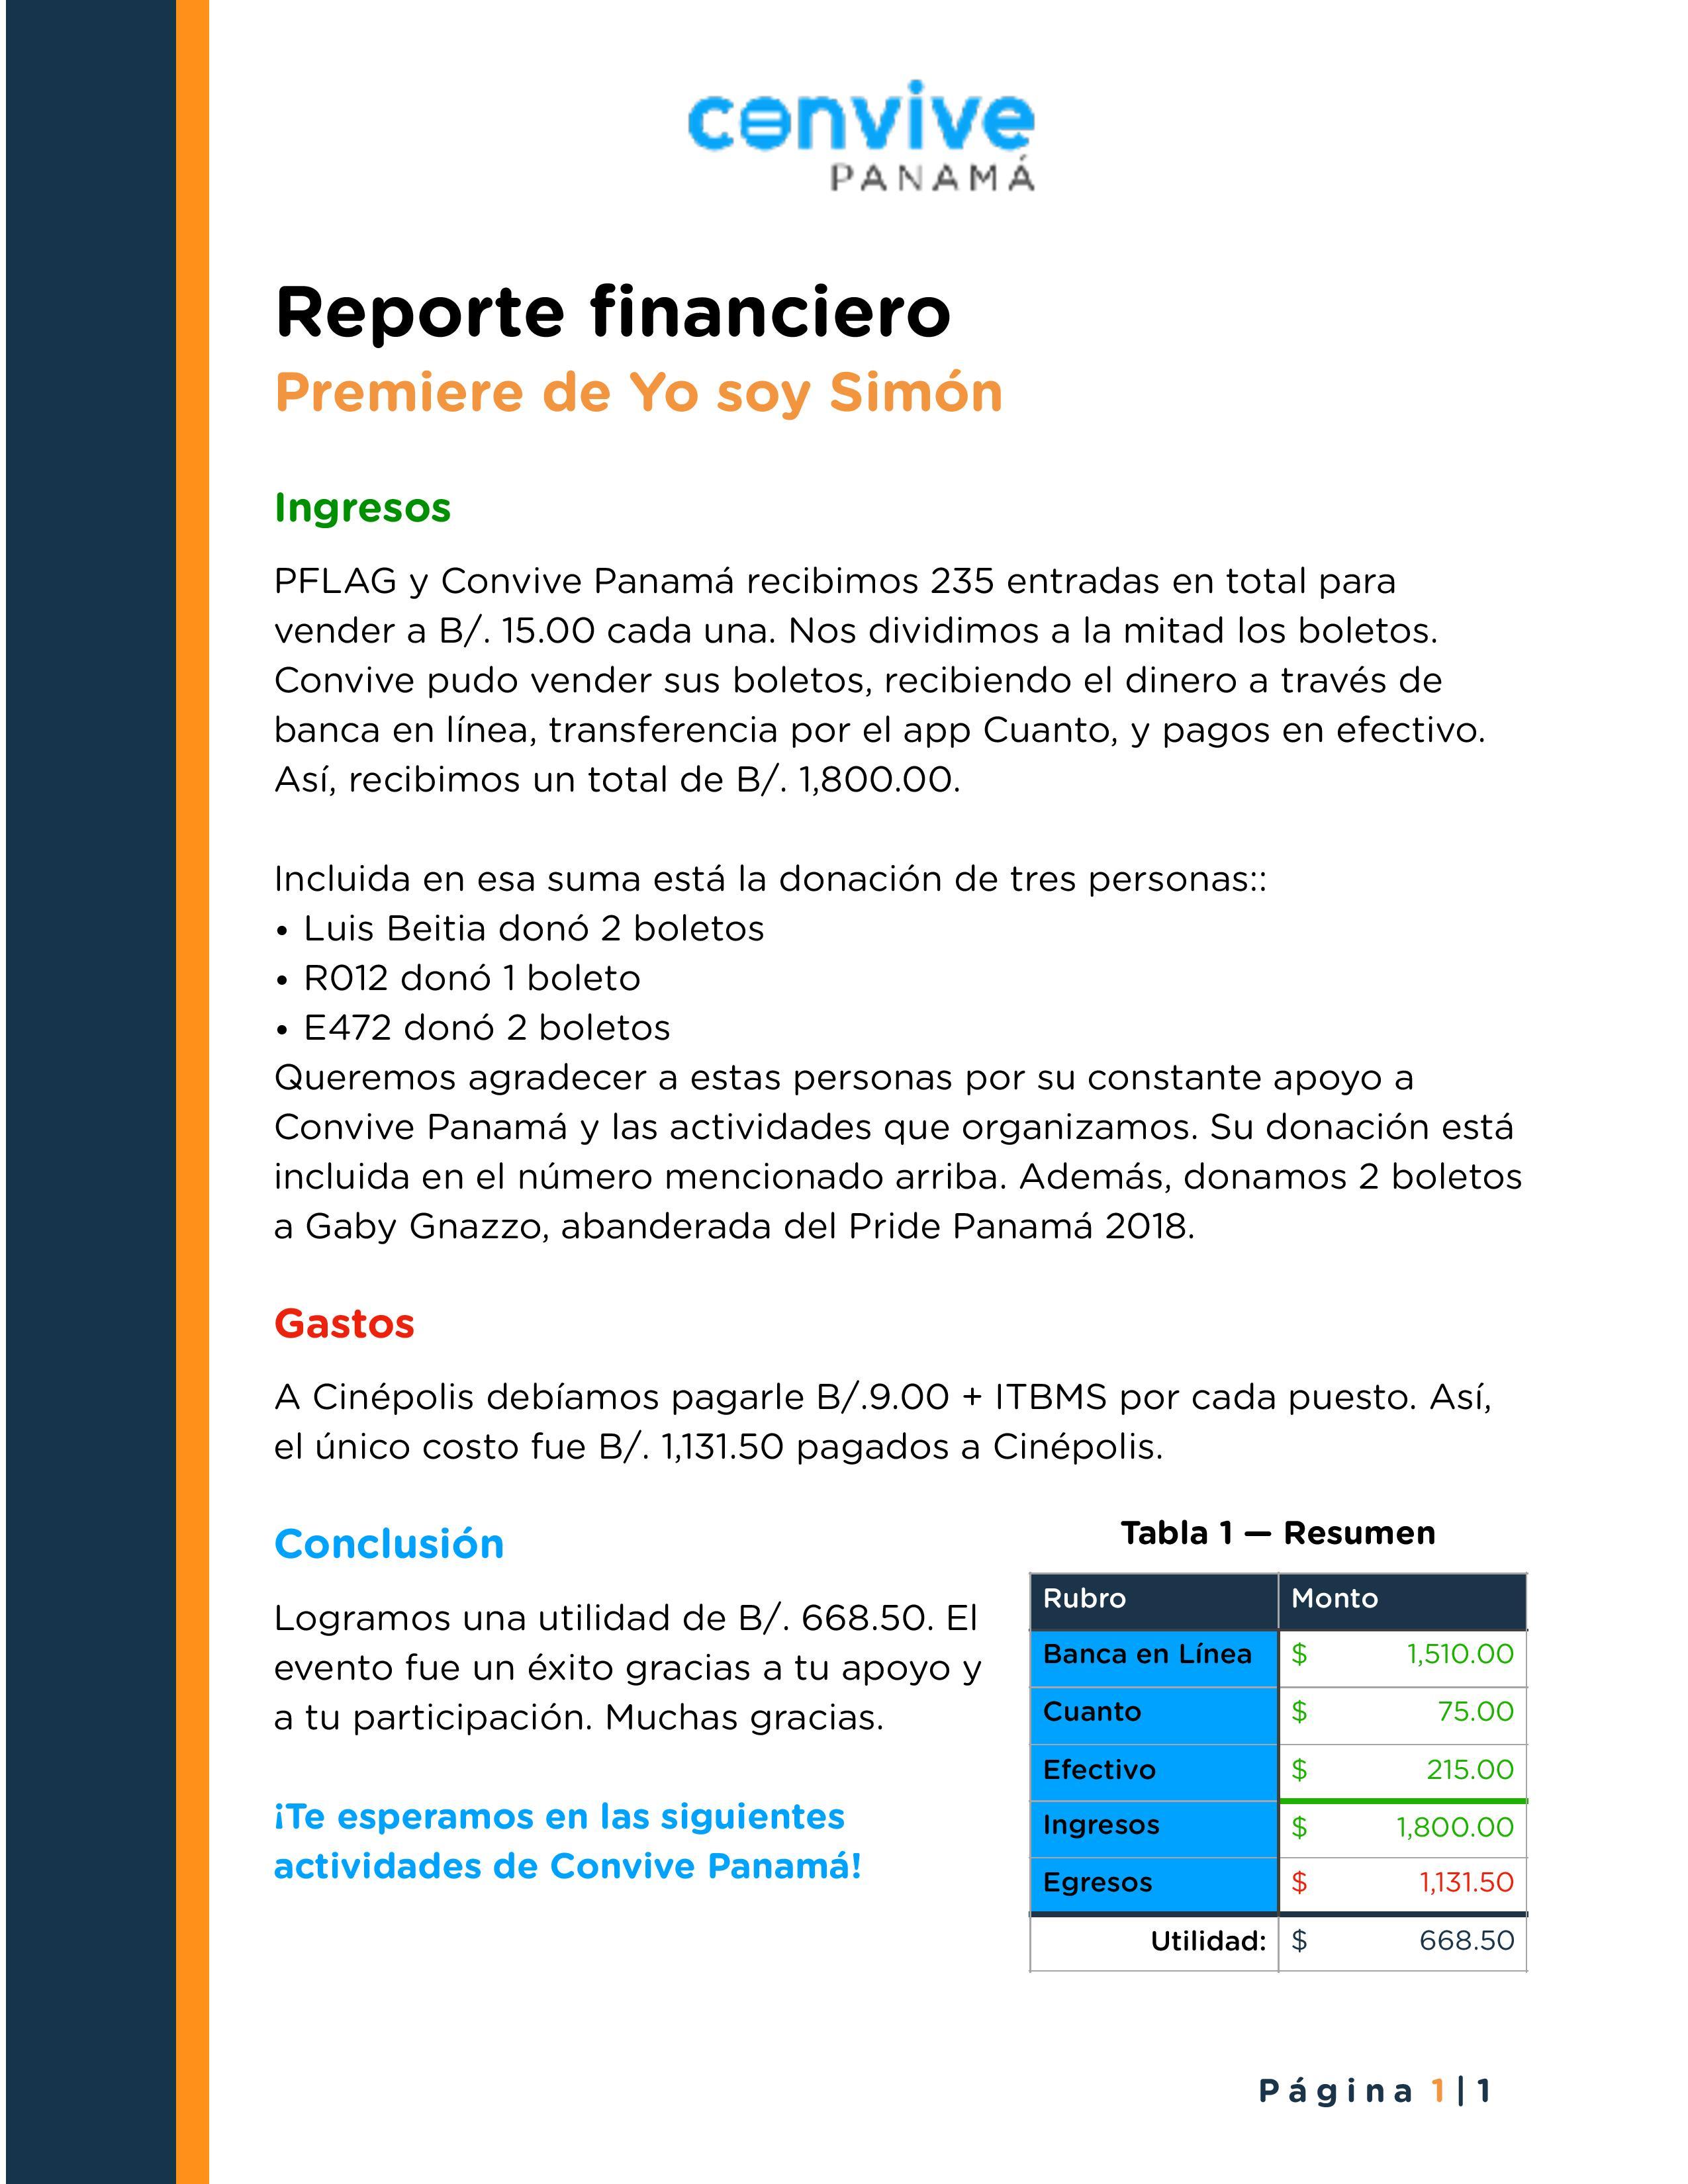 Reporte Financiero Yo Soy Simón Convive Panamá